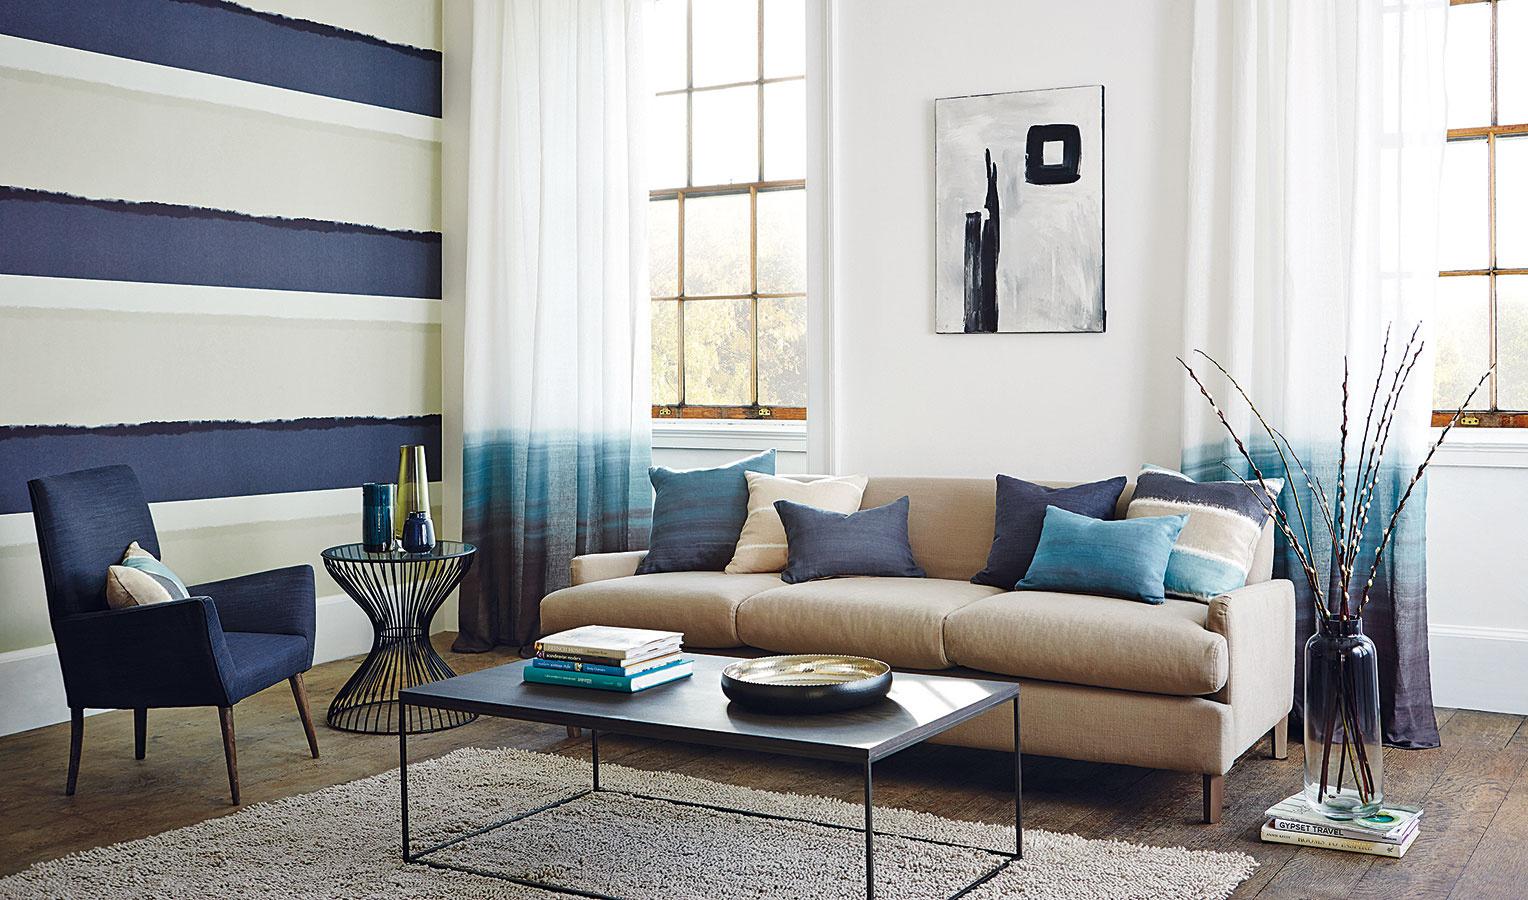 Rovnako ako voda, aj odtiene modrej, ktoré sa svodou akosi podvedome prepájajú, dokážu vniesť do interiéru pokoj aharmonickú atmosféru. Vďaka relaxačnému účinku sú vhodné najmä do spálne. Vkombinácii sbéžovou pristanú napríklad aj obývacej izbe. Istú dramatickosť docielite vmiešaním tmavomodrej do bledších odtieňov modrej.